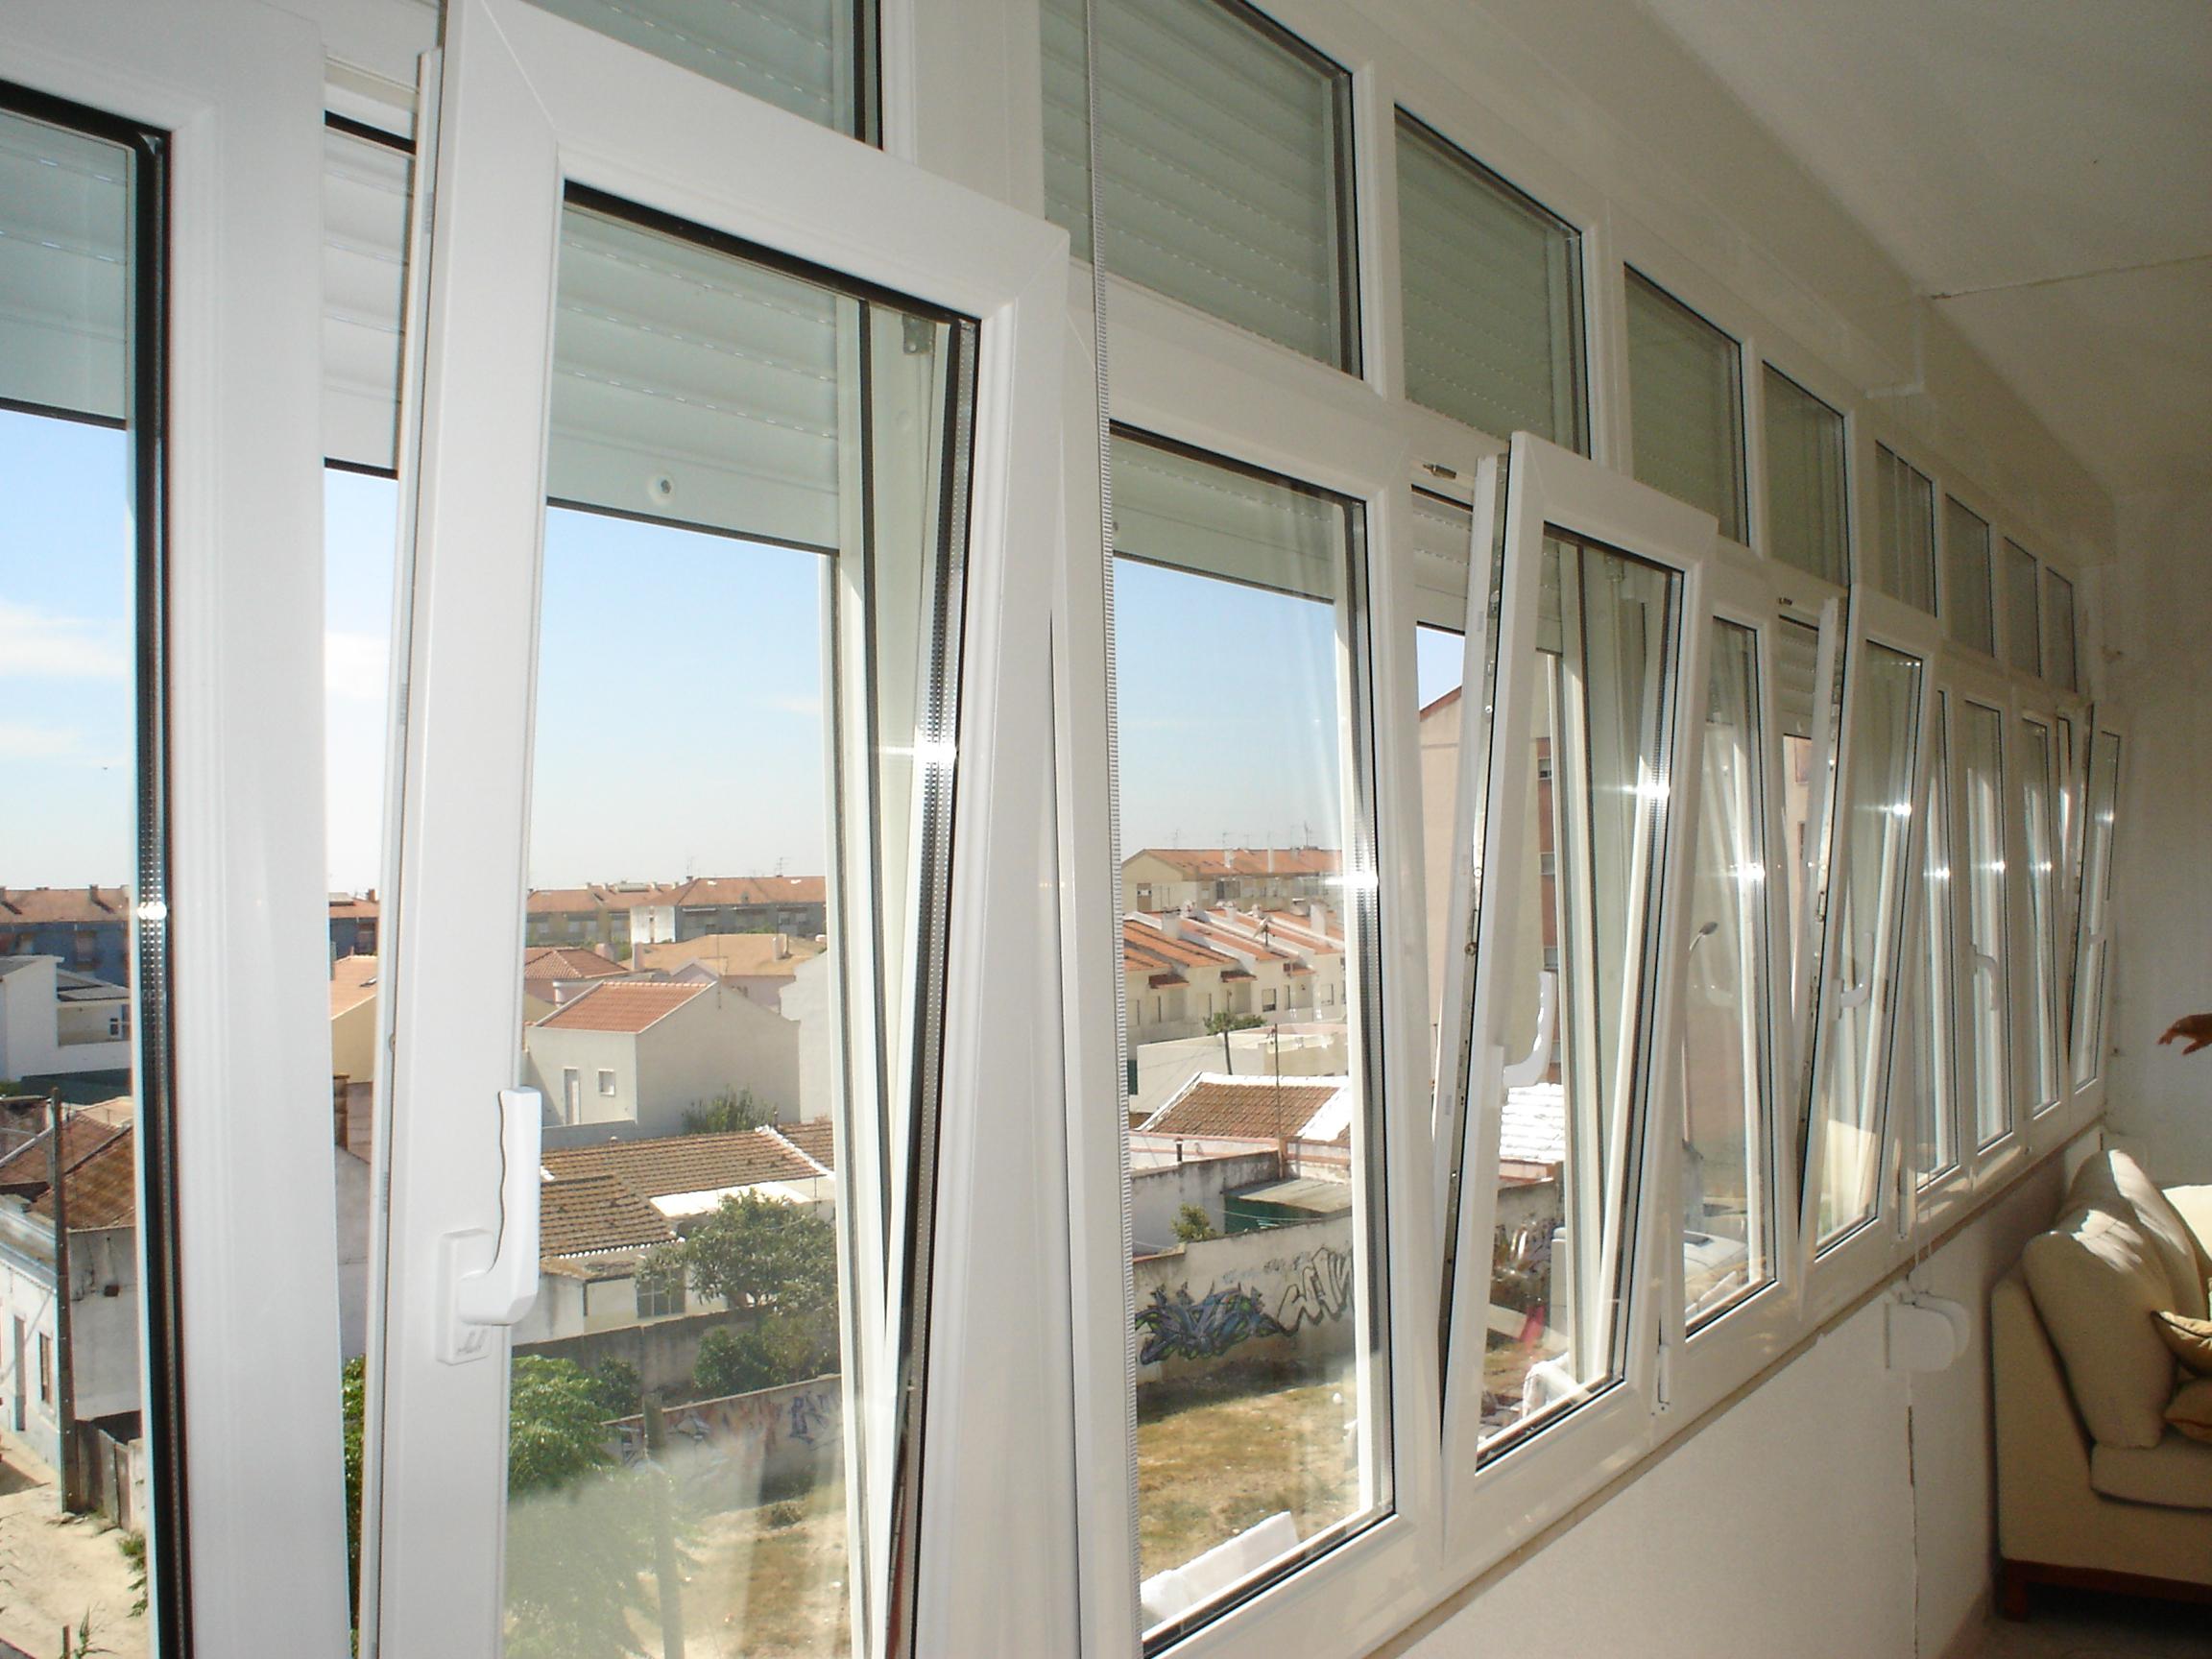 #5D4D35 pedido orçamento gratuito arquijan arquitetamos a sua janela em pvc 666 Janelas Pvc Orçamento Online